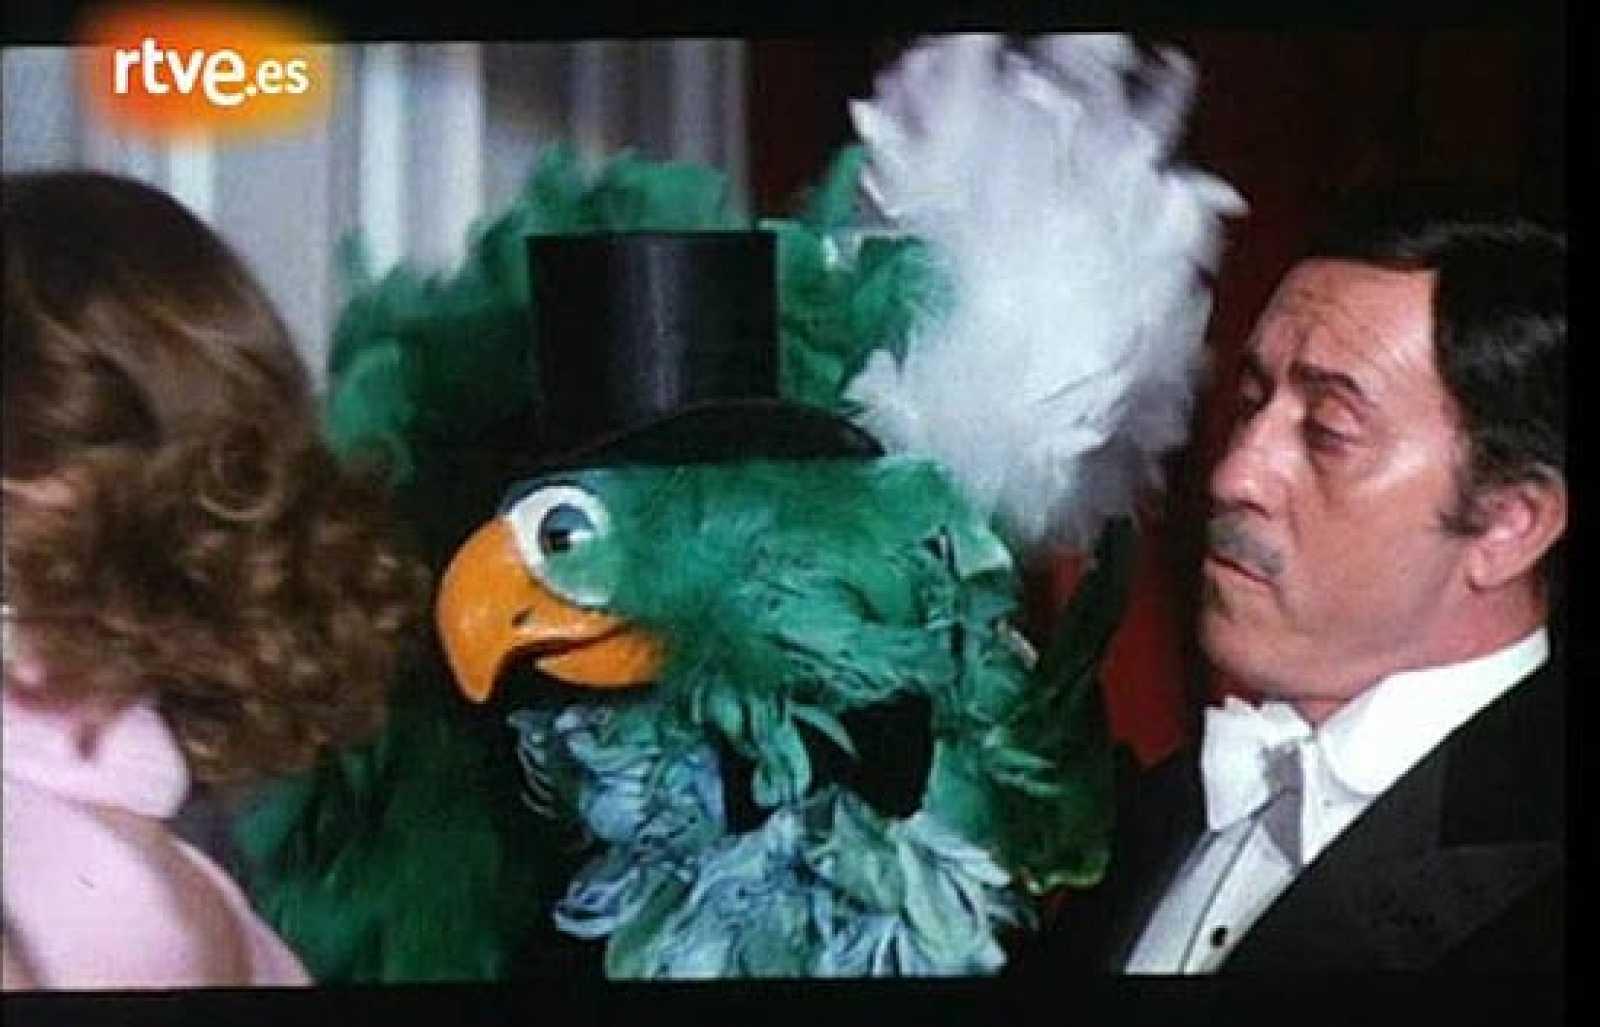 José Luis López Vázquez es el ventrílocuo Serafín Torrejón en 'Zorrita Martínez', película rodada en 1975 por Vicente Escriva. El actor comparte escena con Nadiuska y Barbara Rey.